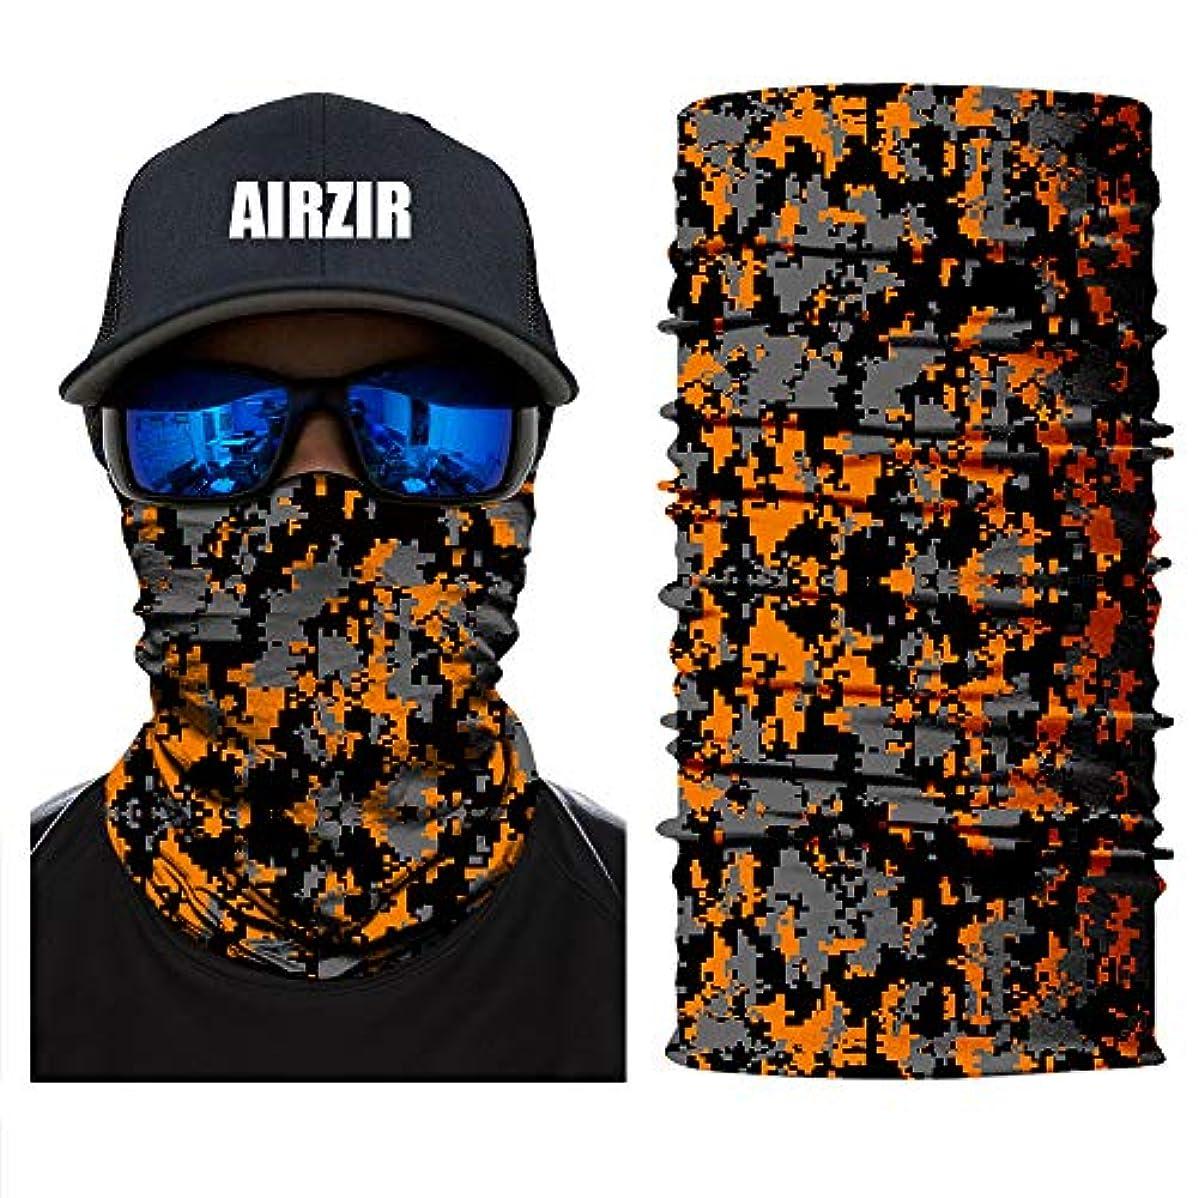 ブランチに関してソーセージAirzir プレミアム3D通気性シームレスチューブフェイスマスク 防塵UV保護 AIR-FM-PP